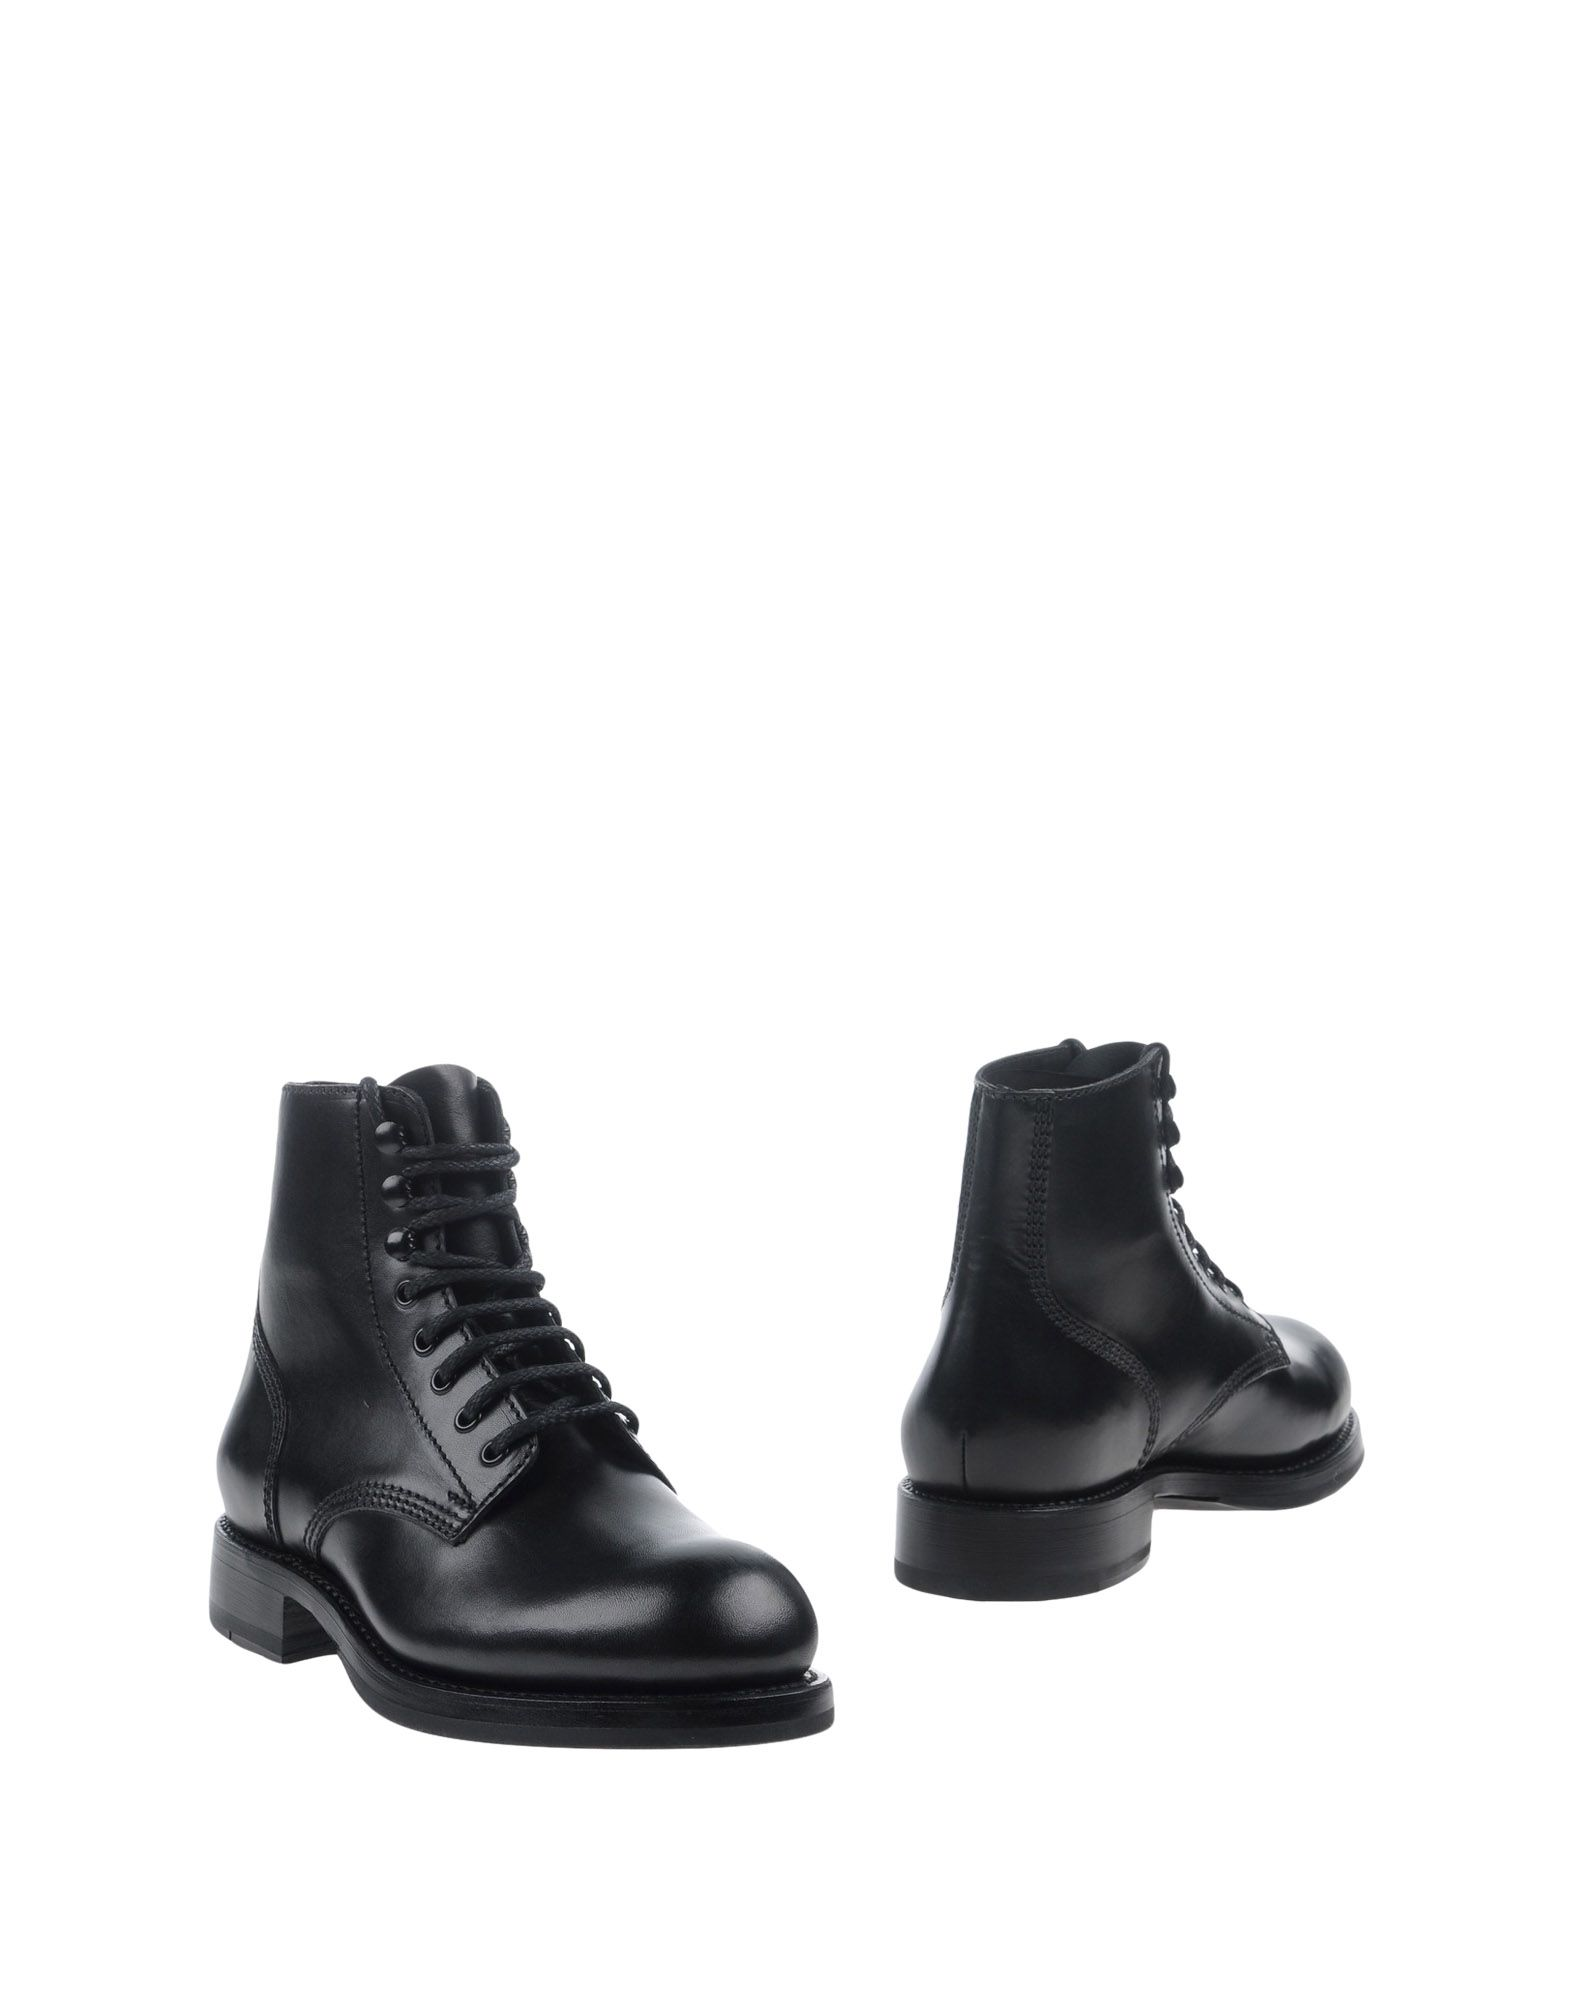 Dsquared2 Stiefelette Herren  11259390FJ Gute Qualität beliebte Schuhe